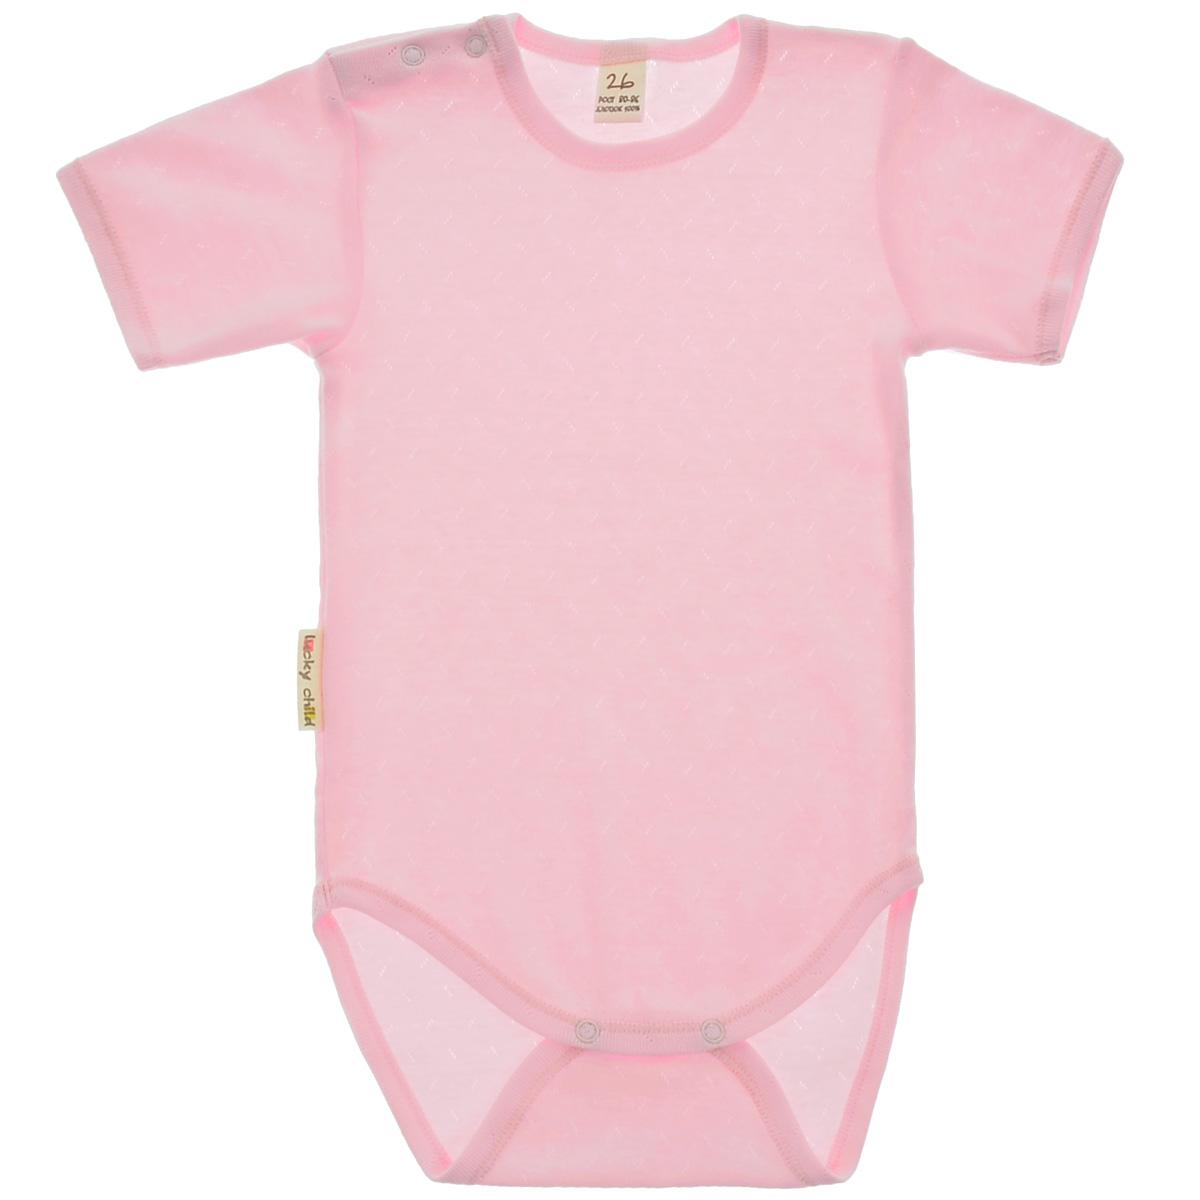 Боди-футболка детское Ажур. 0-300-30Детское боди-футболка Lucky Child с короткими рукавами послужит идеальным дополнением к гардеробу малыша в теплое время года, обеспечивая ему наибольший комфорт. Боди изготовлено из натурального хлопка, благодаря чему оно необычайно мягкое и легкое, не раздражает нежную кожу ребенка и хорошо вентилируется, а эластичные швы приятны телу малыша и не препятствуют его движениям. Удобные застежки-кнопки по плечу и на ластовице помогают легко переодеть младенца и сменить подгузник. Боди выполнено из ткани с ажурным узором. Боди полностью соответствует особенностям жизни малыша в ранний период, не стесняя и не ограничивая его в движениях. В нем ваш ребенок всегда будет в центре внимания.